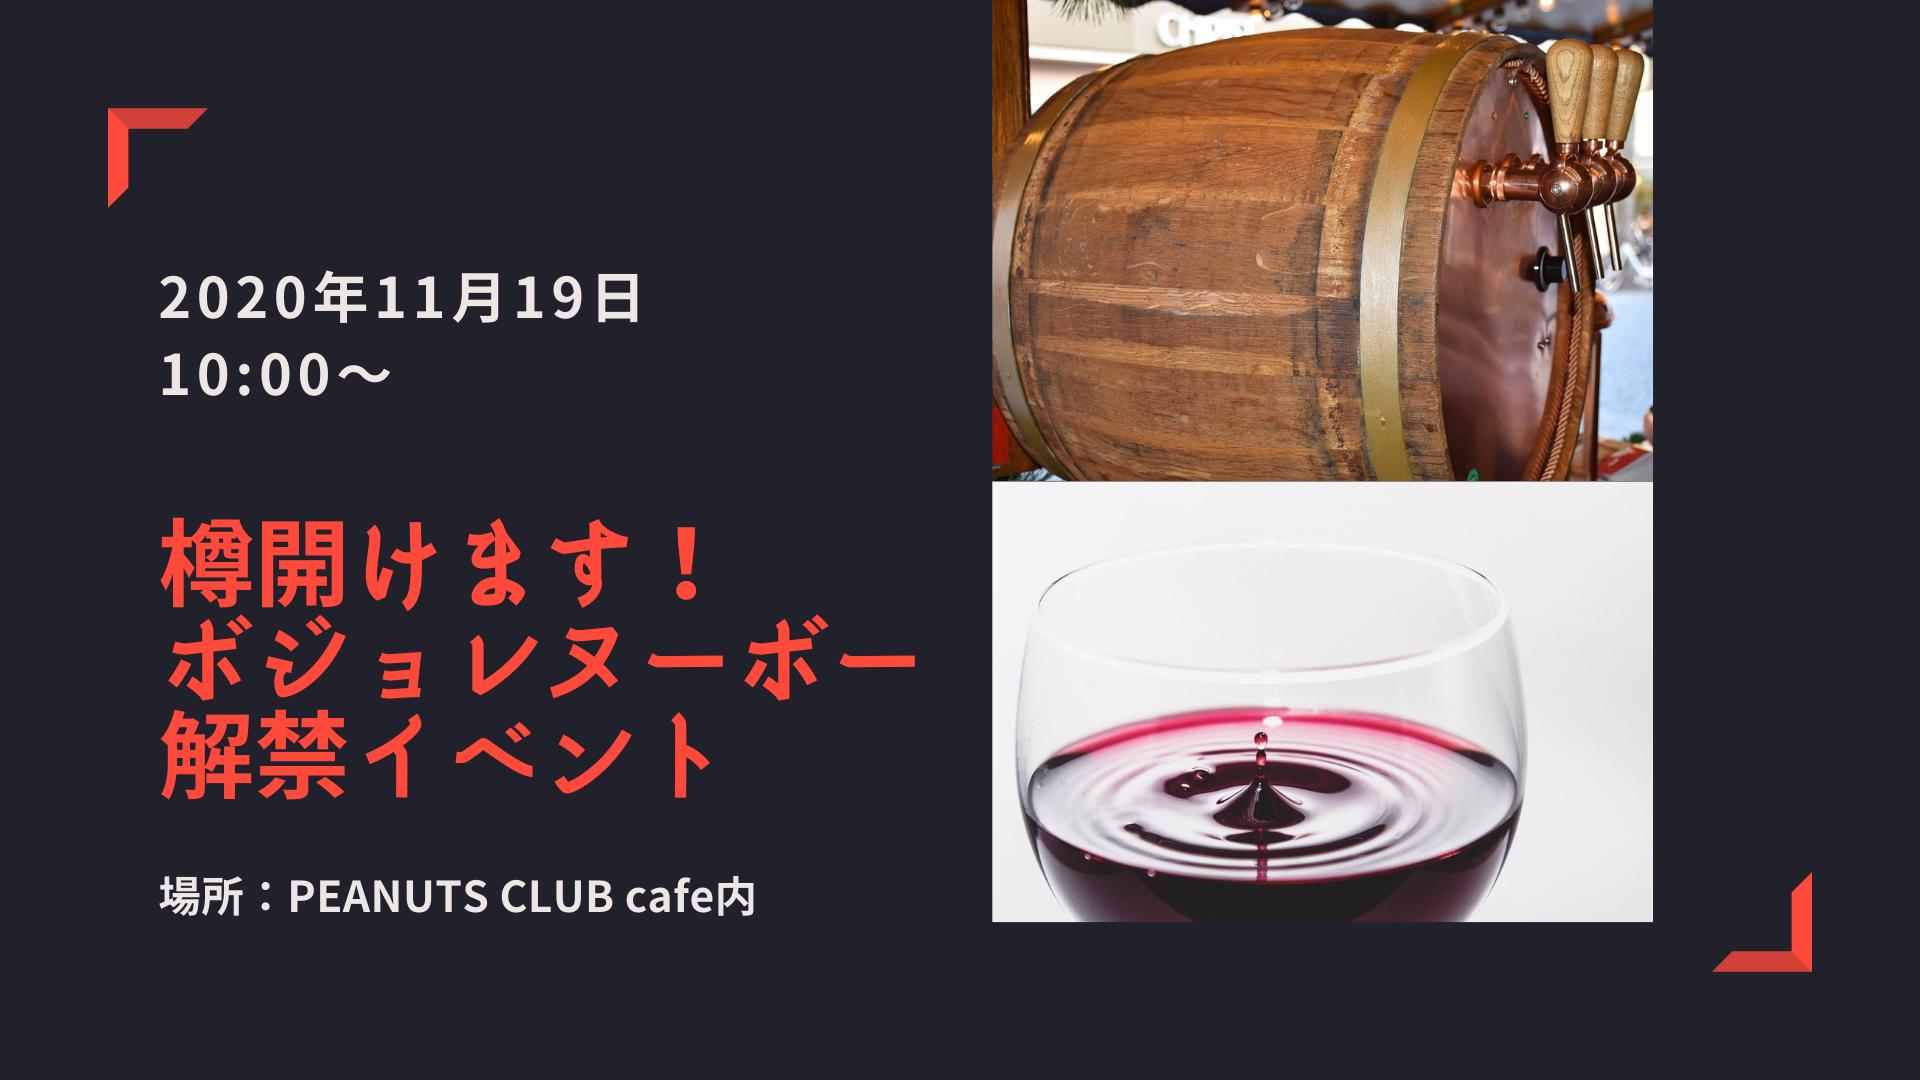 11/19 樽開けます!ボジョレヌーボー解禁イベント 神楽坂PEANUTS CLUB cafe内